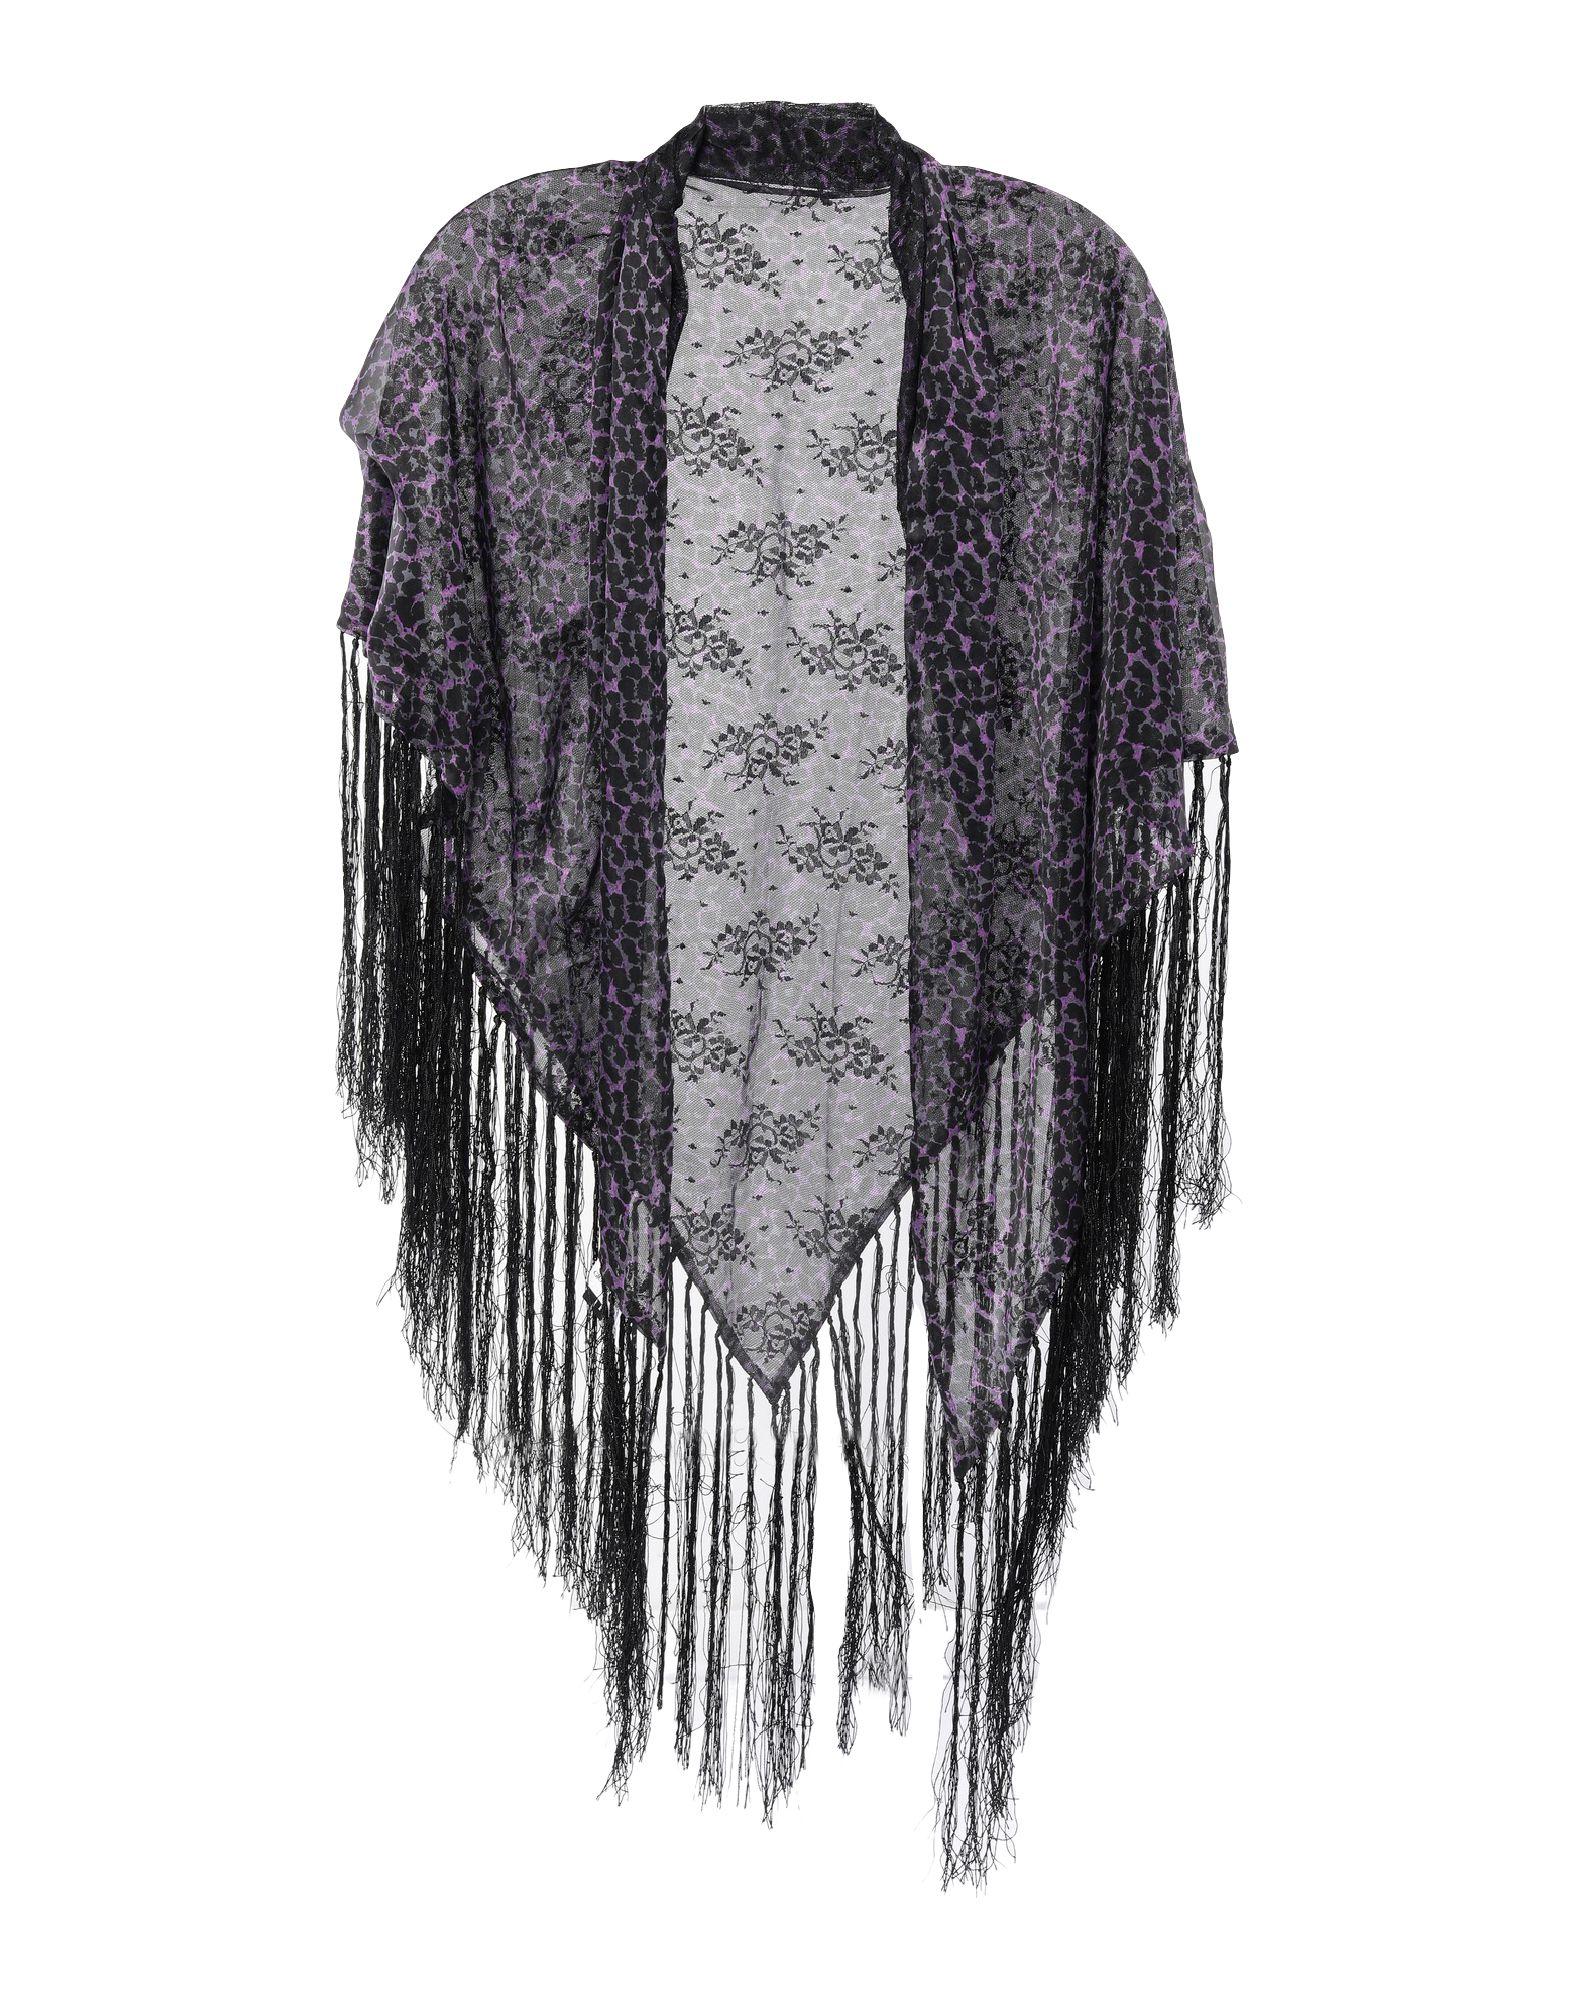 EMPORIO ARMANI Шаль павловопосадская шерстяная шаль с шелковой бахромой волшебный узор 148х148 см